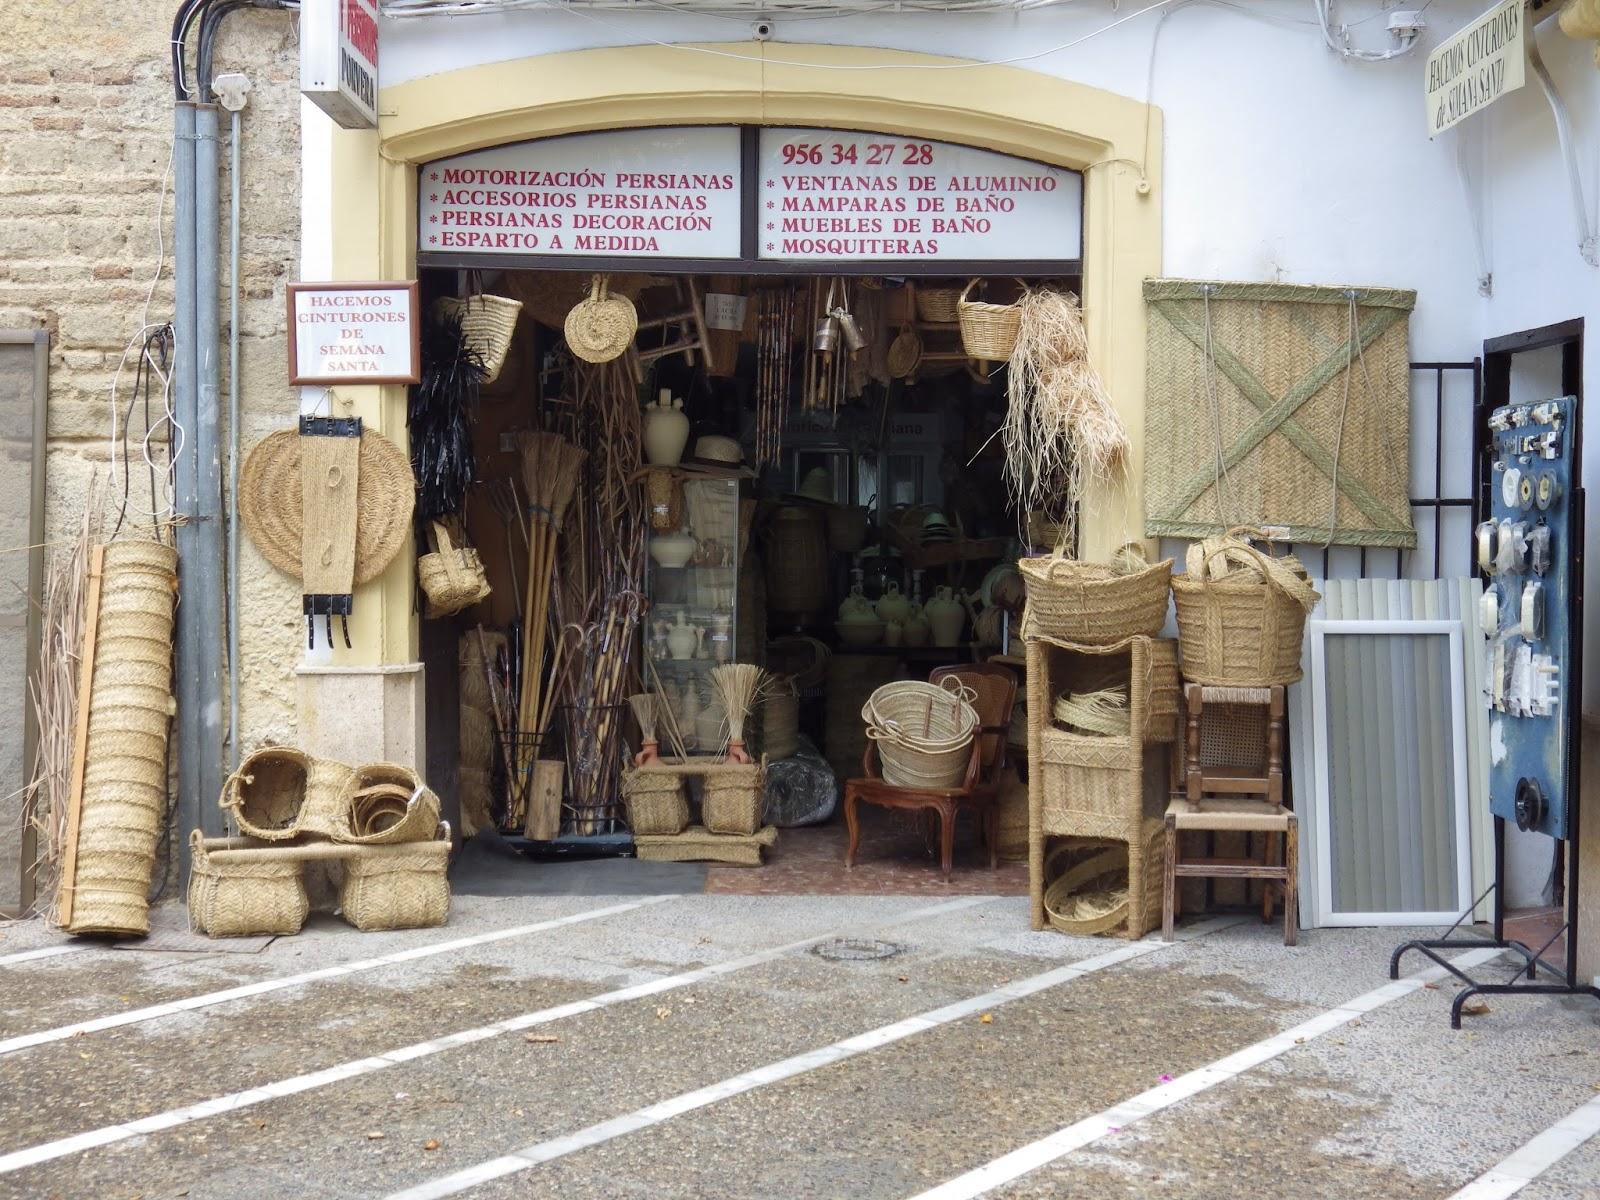 Esparter A Y Persianas Becerra Entrando En La Tienda # Muebles Becerra